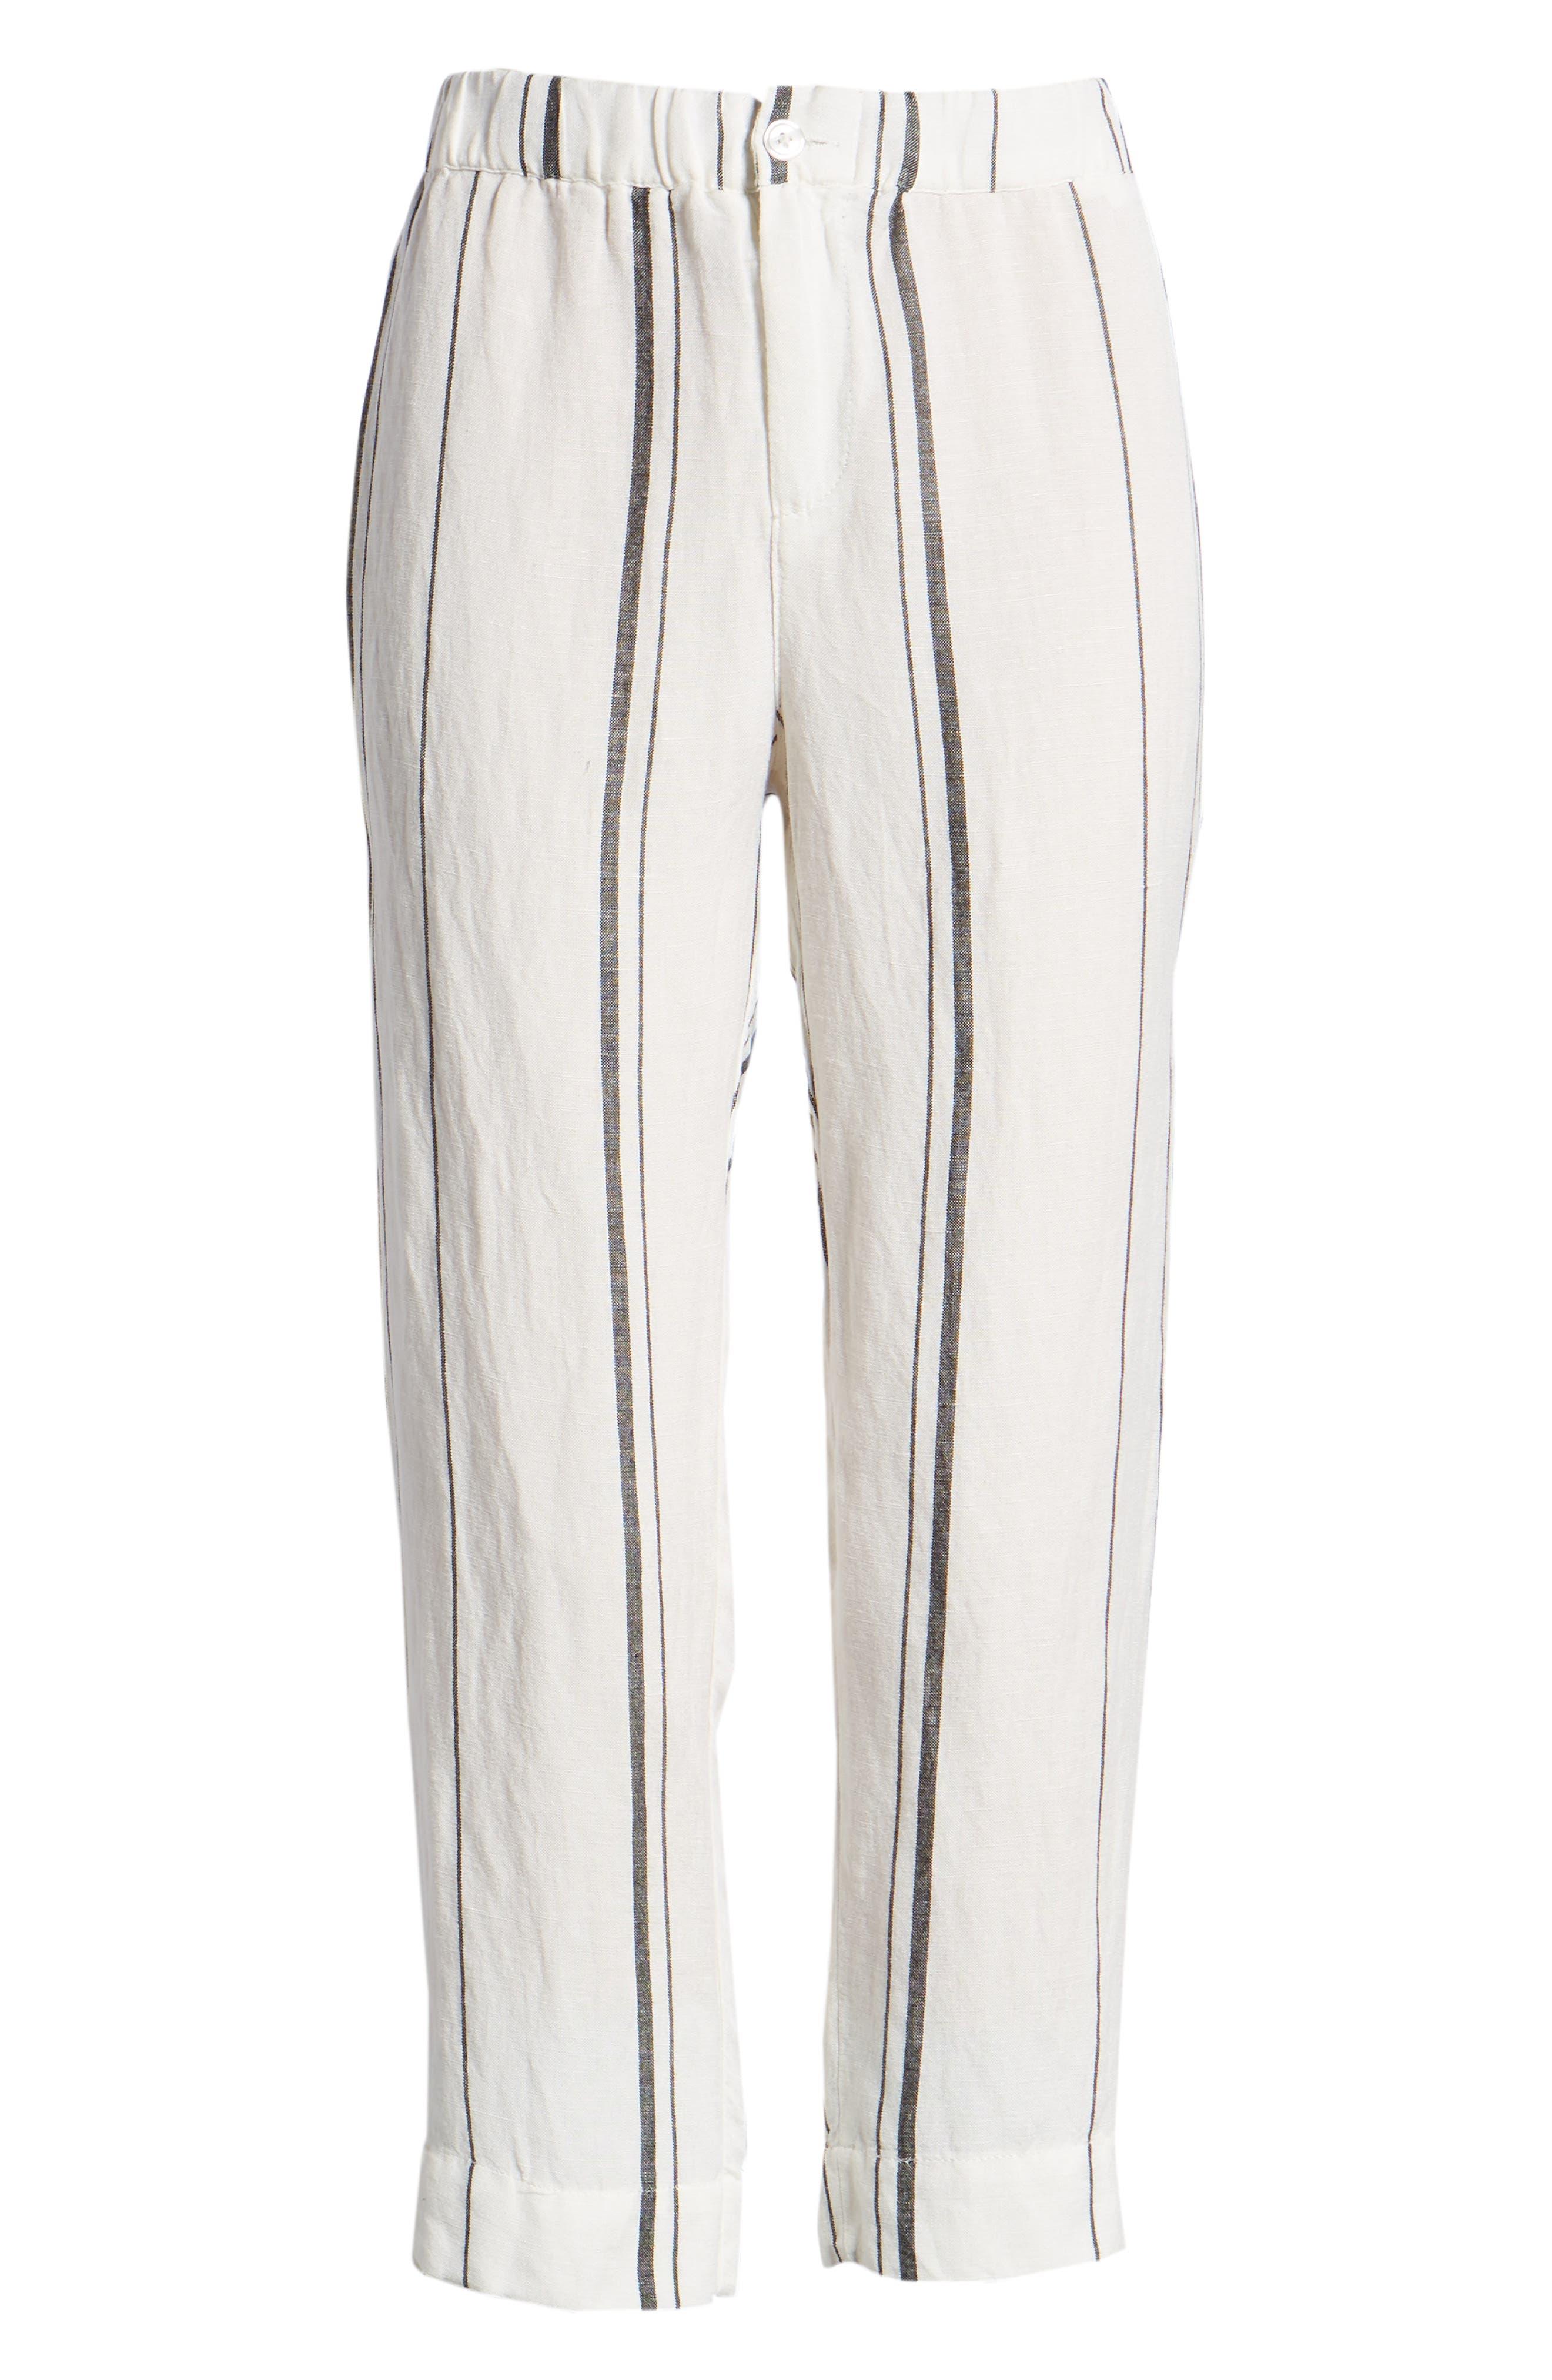 Annika Stripe Crop Pants,                             Alternate thumbnail 7, color,                             Black/ White